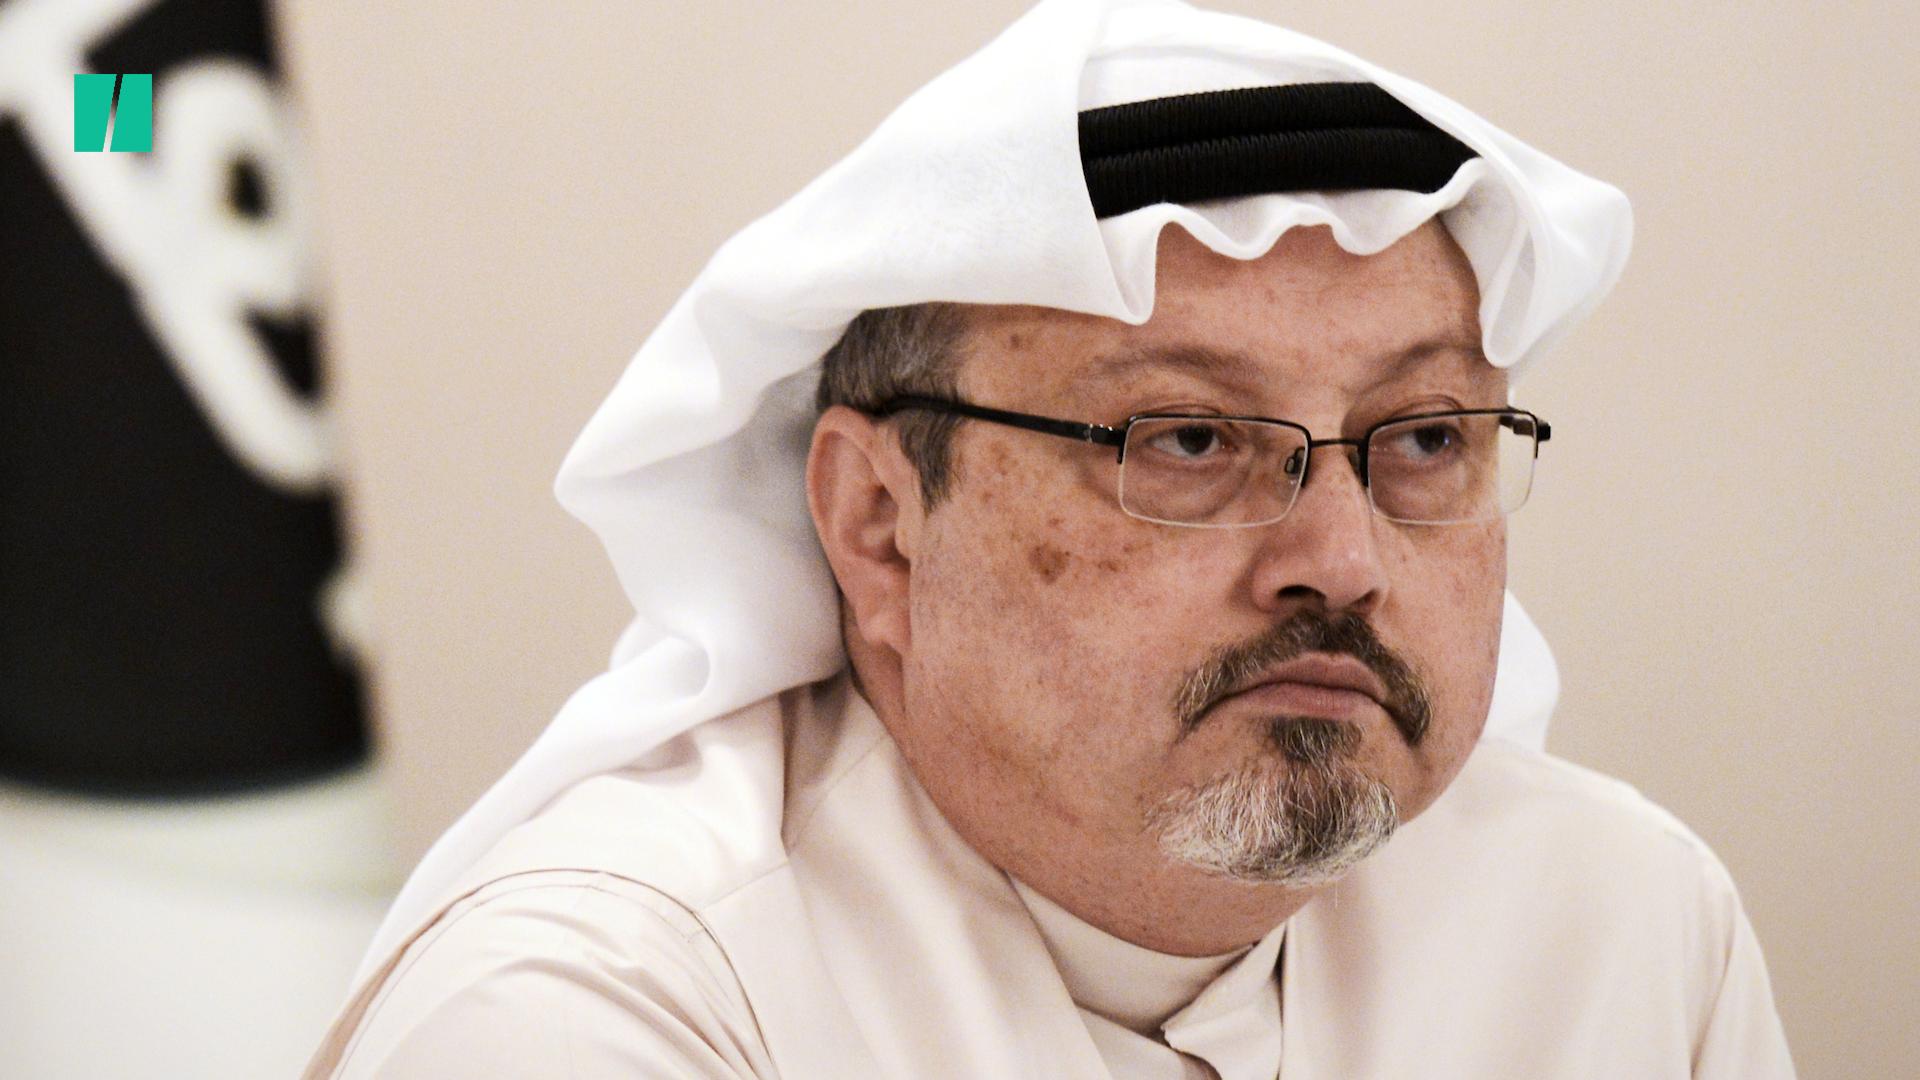 'Credible Evidence' To Probe Saudi Crown Prince On Khashoggi Killing: UN